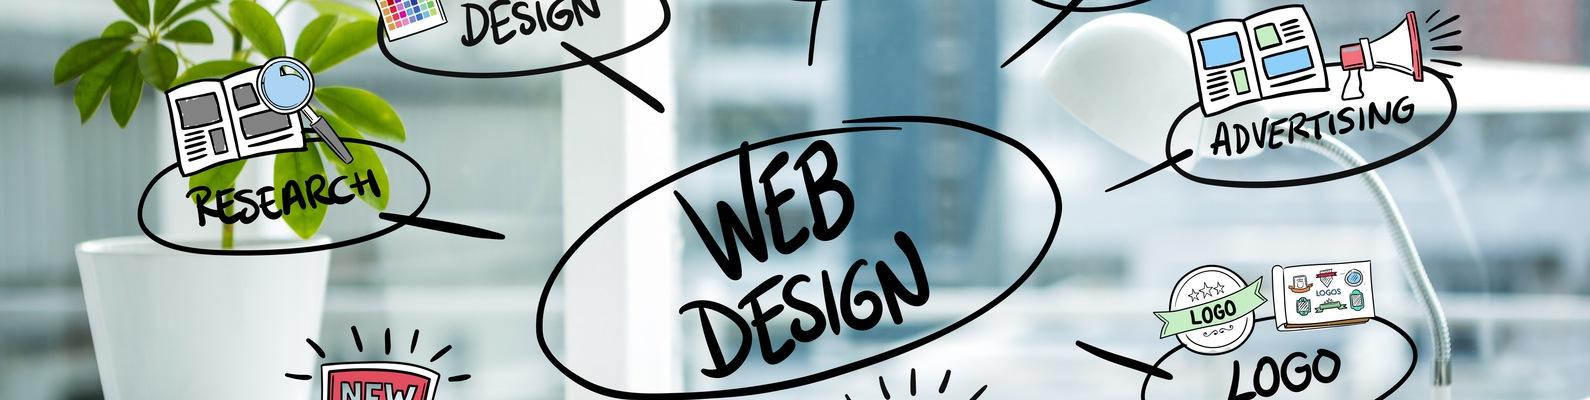 Продвижение сайтов 1 сайты для создания мультиков онлайн